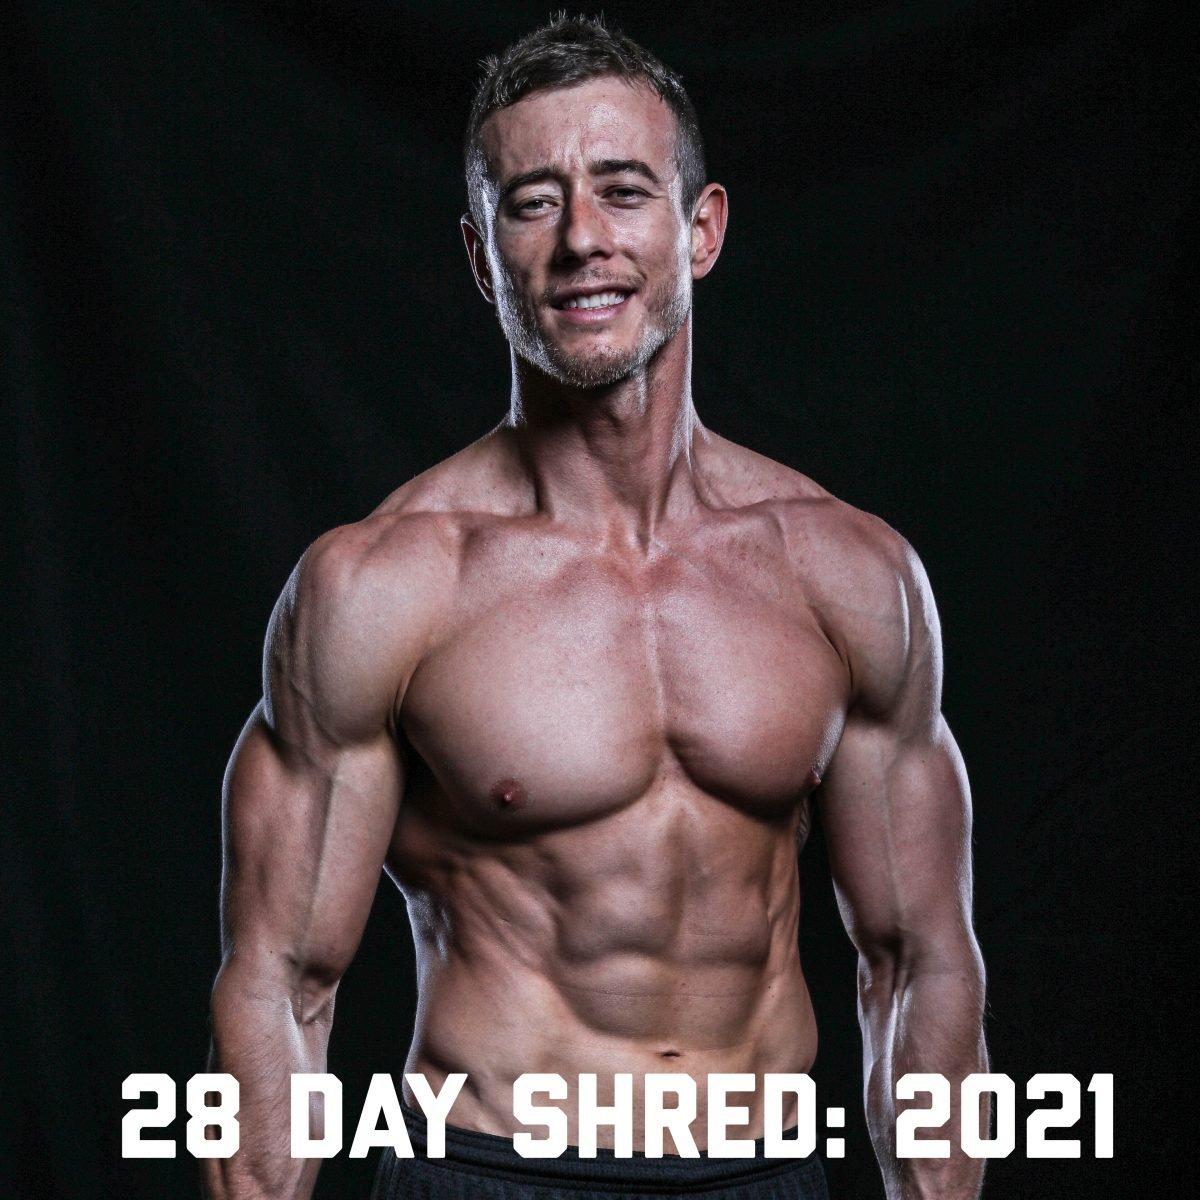 January 2021 Shred